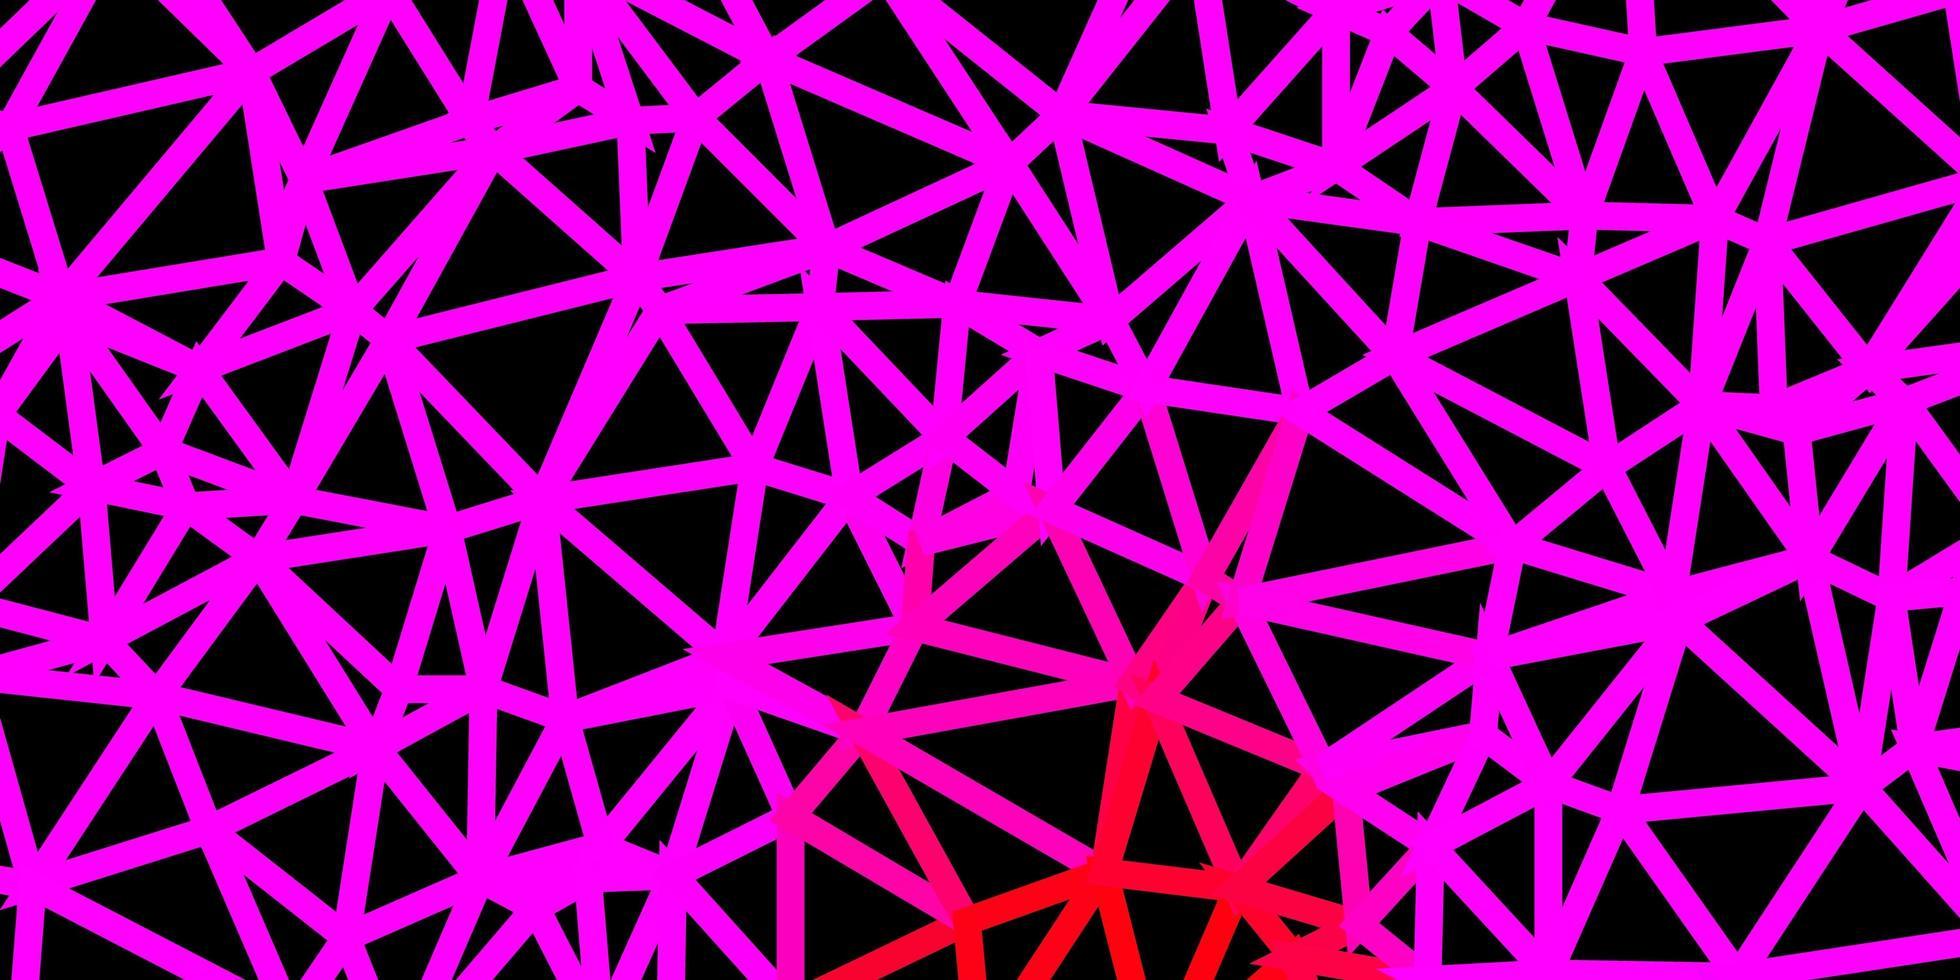 pano de fundo do triângulo abstrato do vetor rosa claro, vermelho.